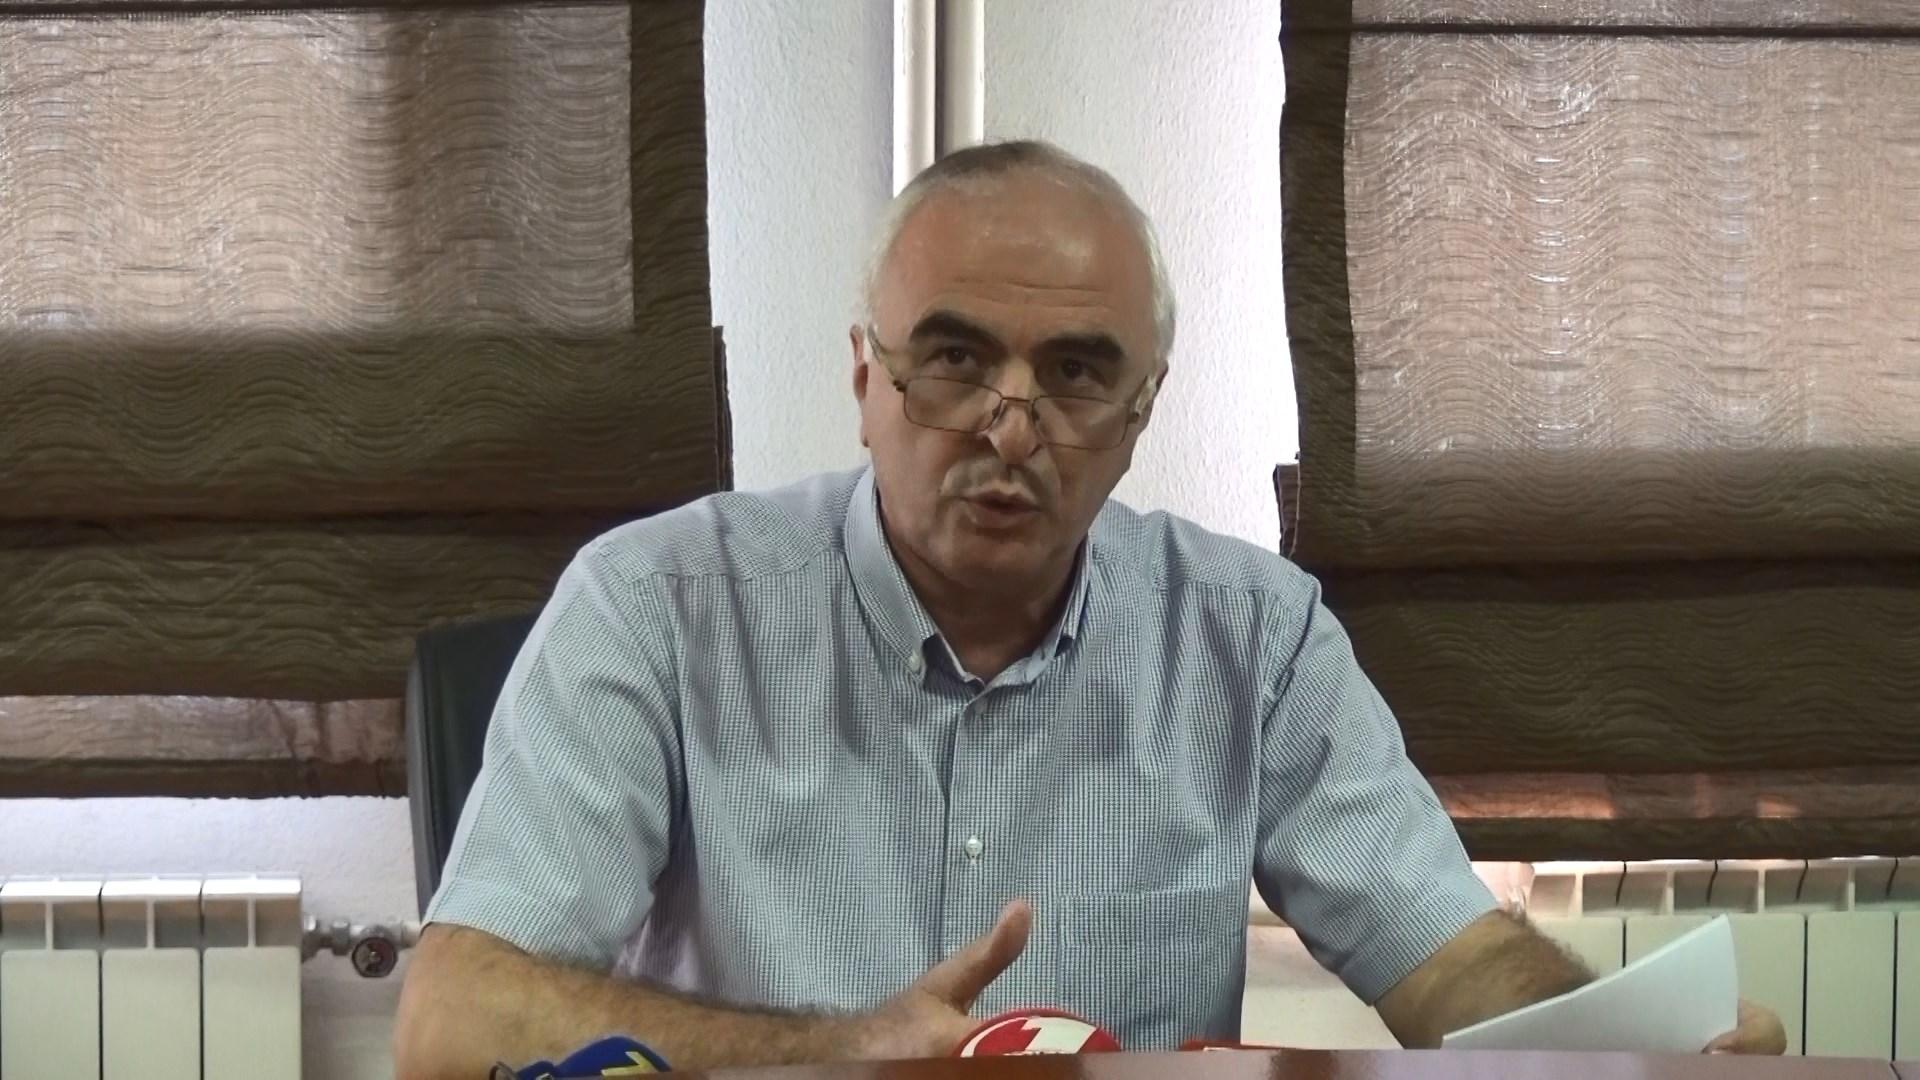 Regjistrimet në Universitetin e Shkodrës, Rektori: Këtë vit 200 studentë më pak